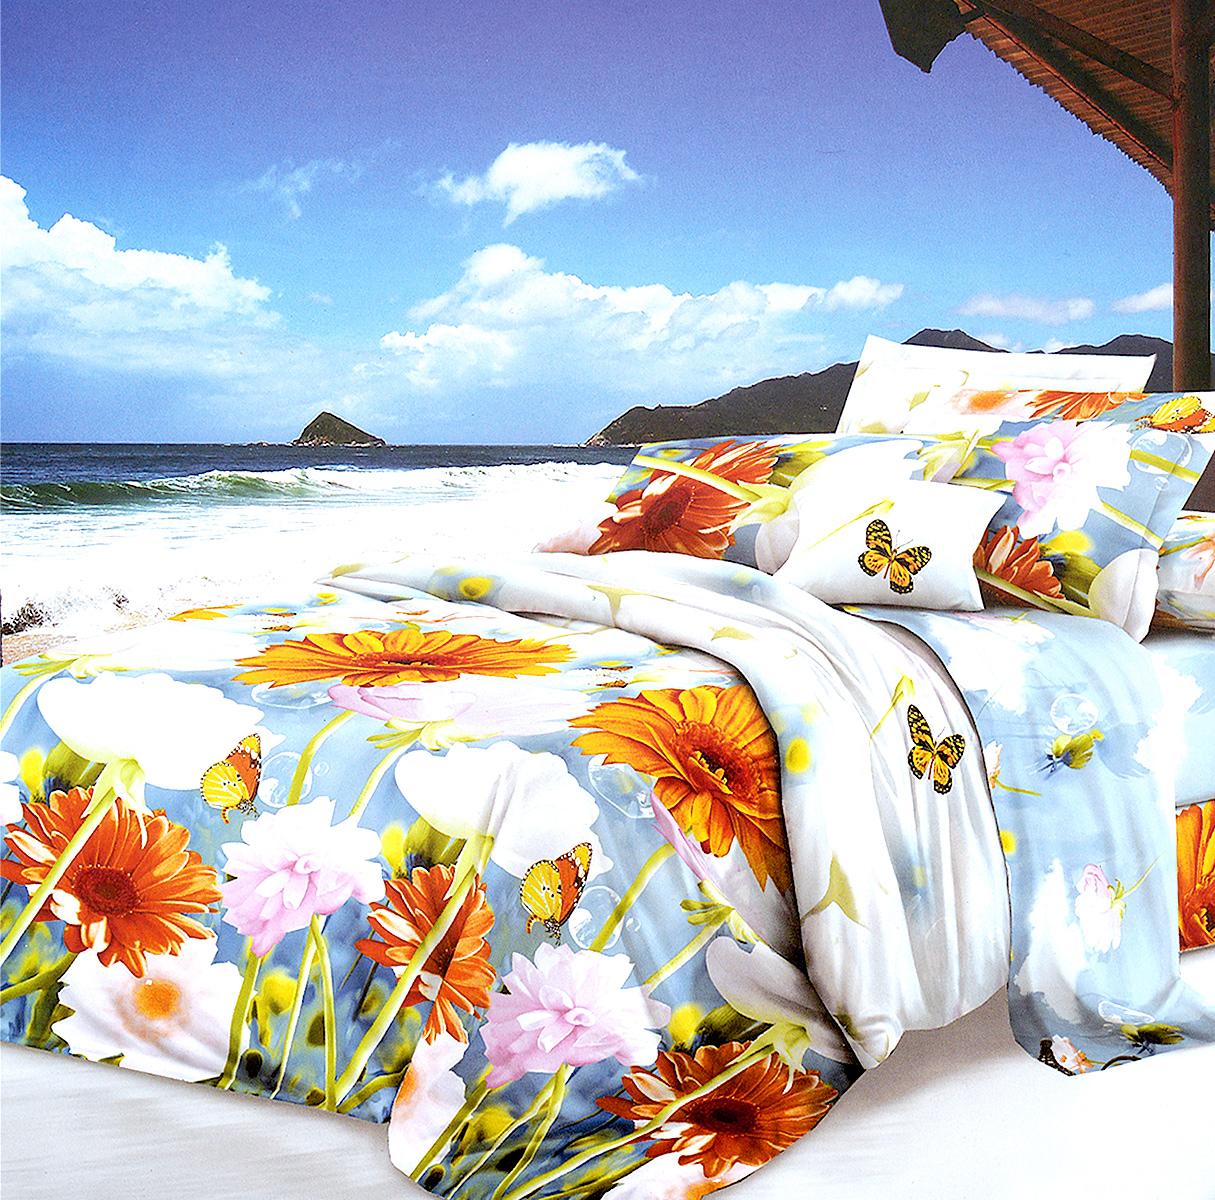 Комплект белья МарТекс, 2-спальный, наволочки 70х70, цвет: голубой, оранжевый391602Комплект постельного белья МарТекс состоит из пододеяльника, простыни и двух наволочек. Постельное белье оформлено оригинальным ярким рисунком и имеет изысканный внешний вид.Комплект изготовлен из качественной микрофибры. Микроволокно обладает высокой устойчивостью, у него богатая палитра ярких оттенков, эта ткань полностью поддается стирке.Такая ткань рассчитана на 200 стирок и более. Микрофибра представляет собой ткань из полиэфирного волокна. В ее состав входят микронити, которые и обеспечивают материалу максимальную прочность, а также дышащую способность.Приобретая комплект постельного белья МарТекс, вы можете быть уверенны в том, что покупка доставит вам и вашим близким удовольствие и подарит максимальный комфорт.